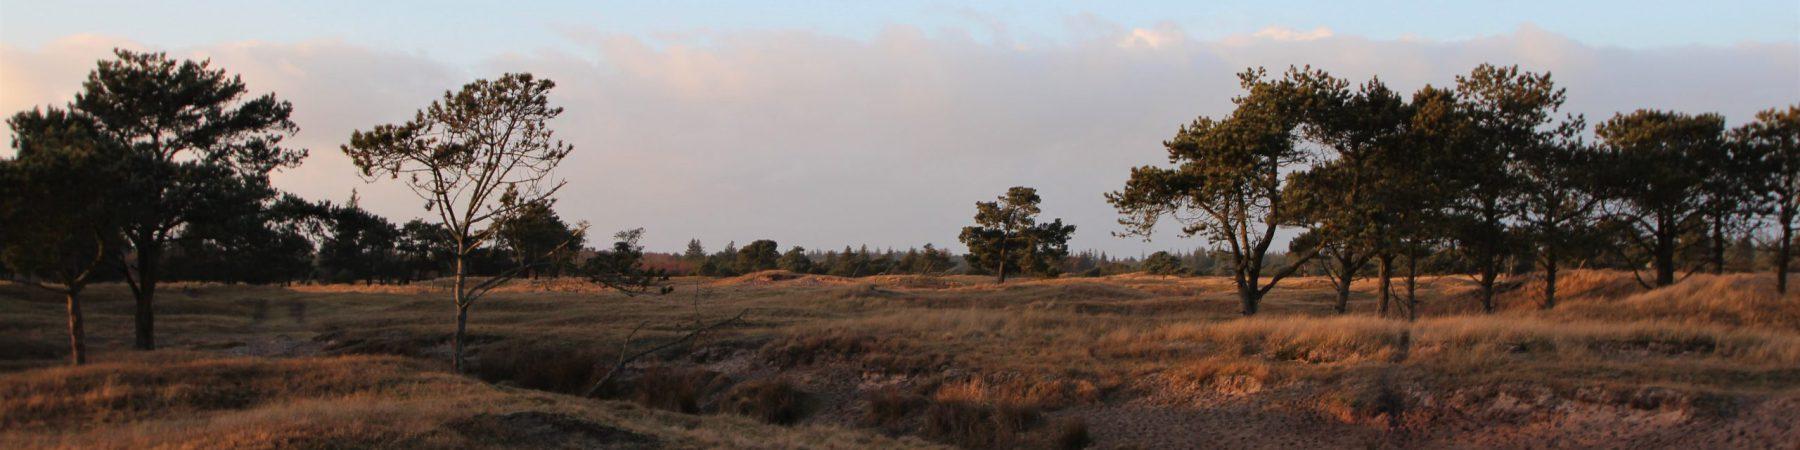 Røgegård reservat